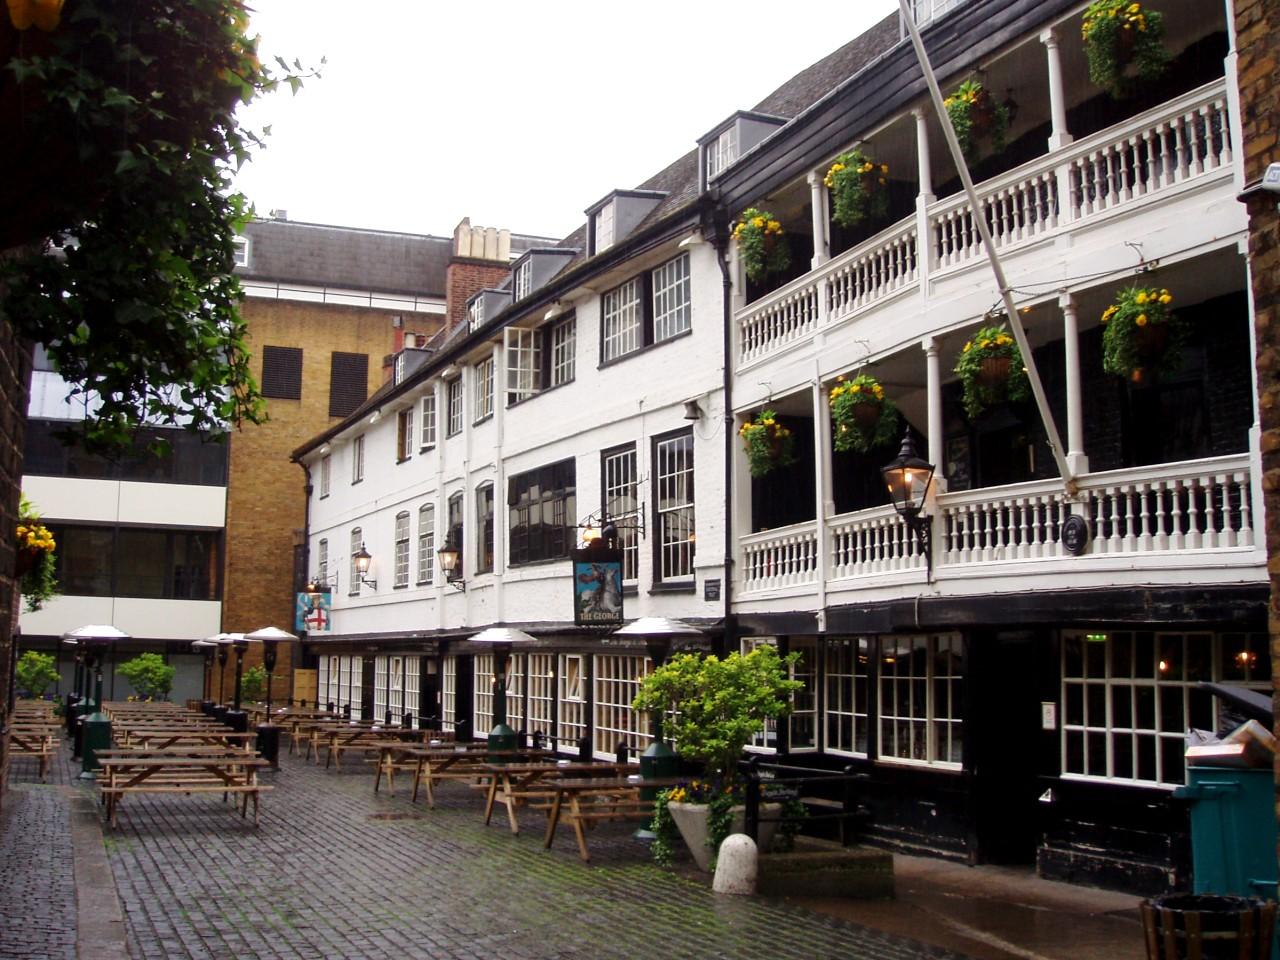 German Restaurant In Richmond London